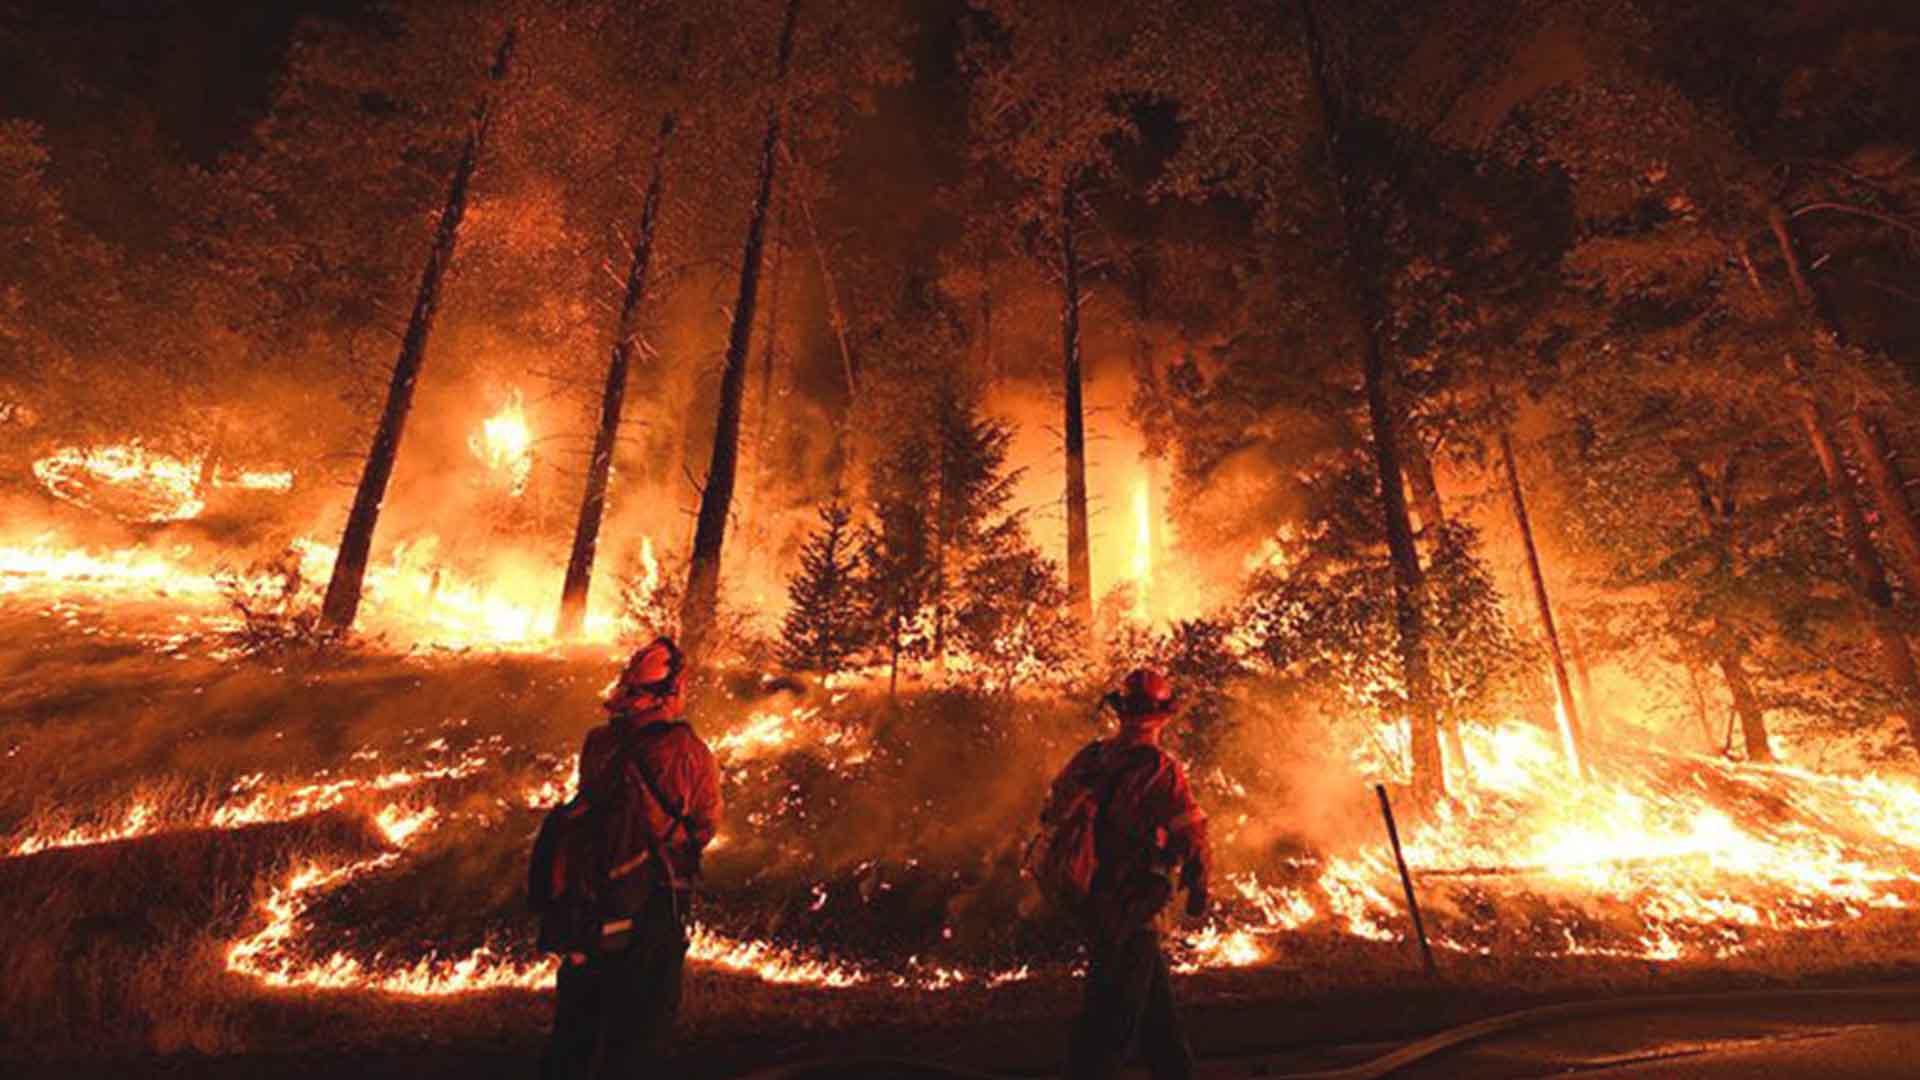 3 milioni di ettari di foresta sono in fiamme nel Circolo polare artico